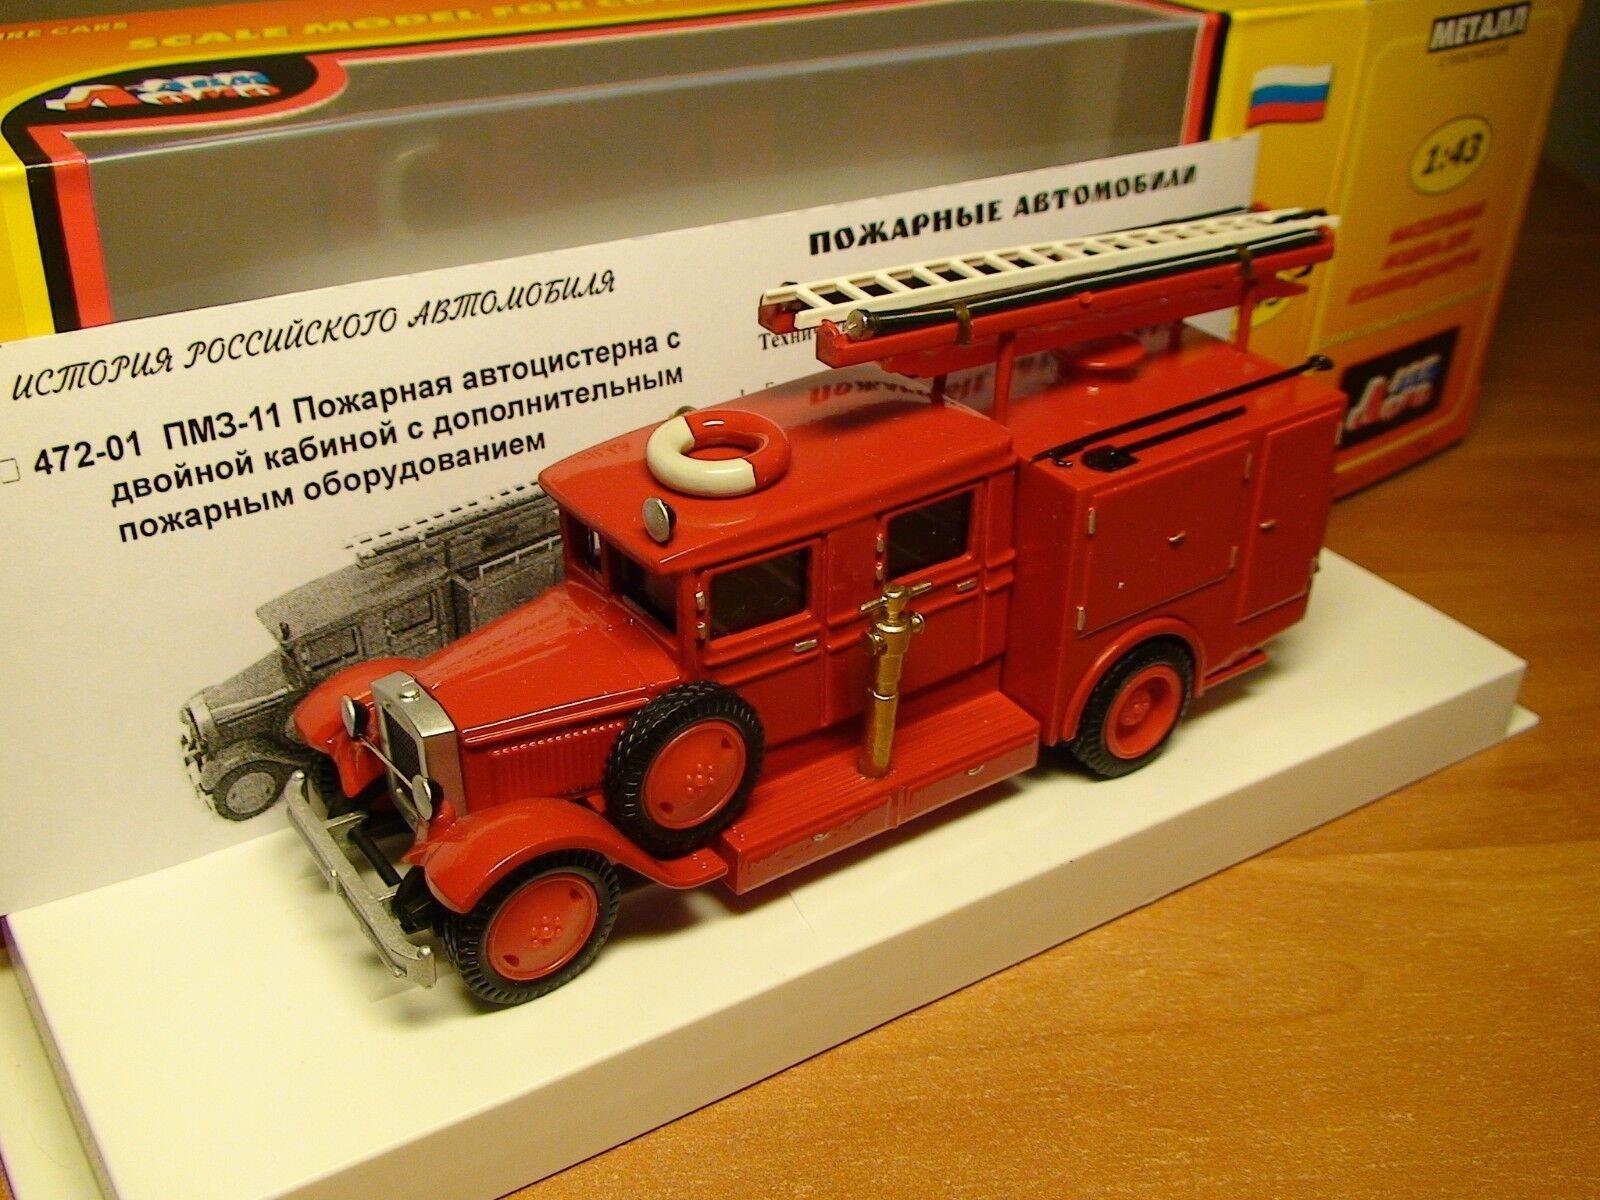 PMZ-11. Pompier Camion-citerne avec une cabine double et équipements supplémentaires